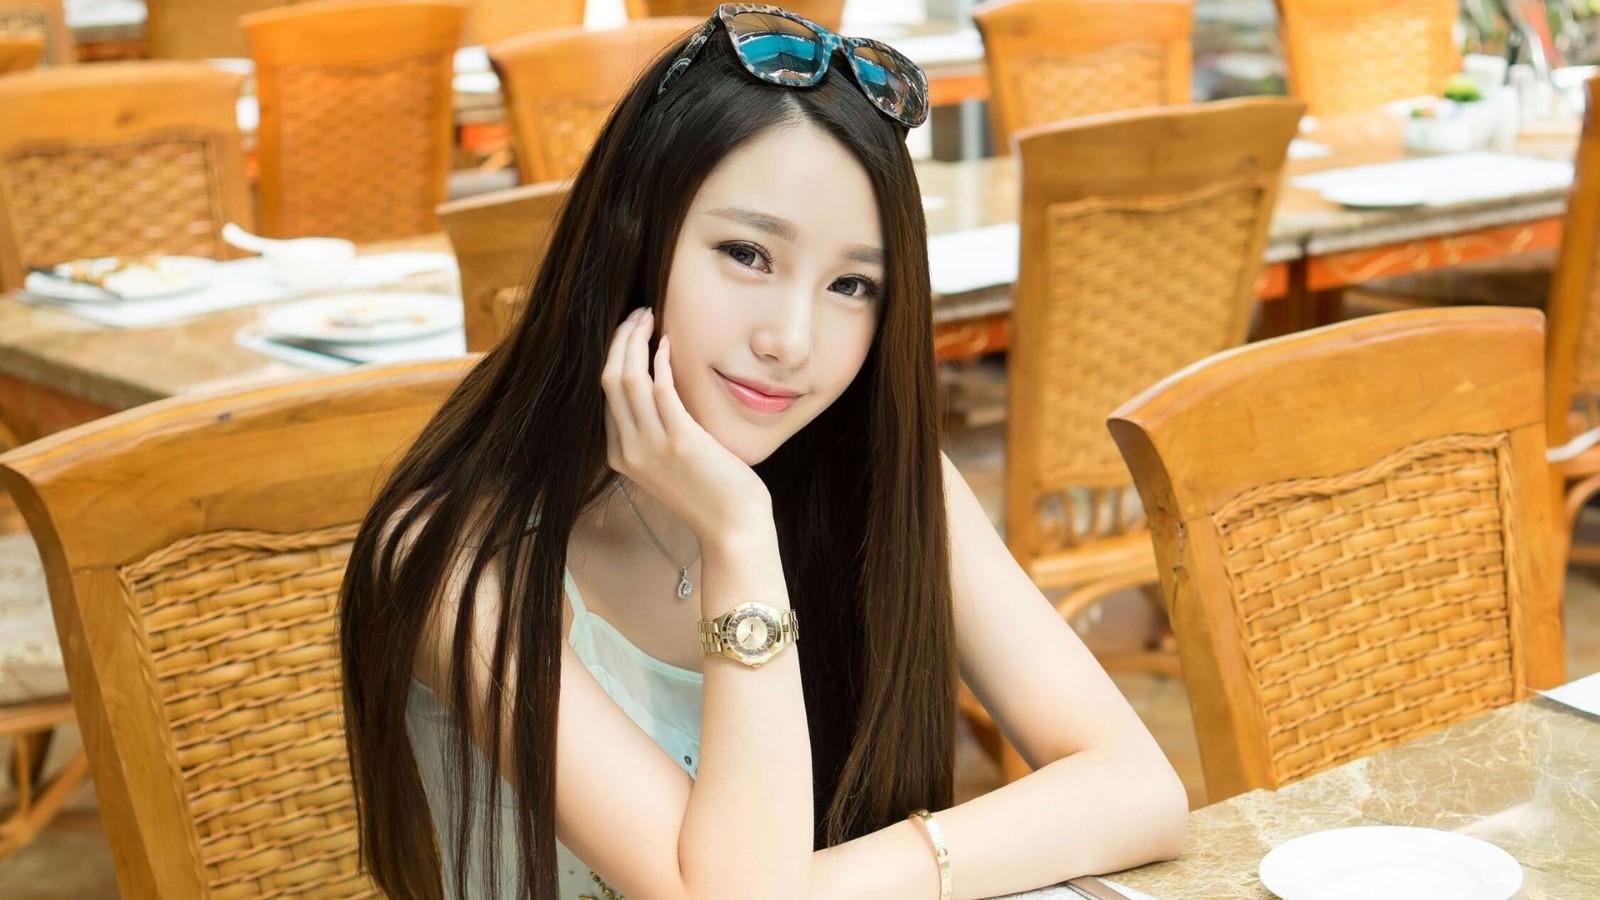 时尚,模特,美女写真,刘奕宁壁纸